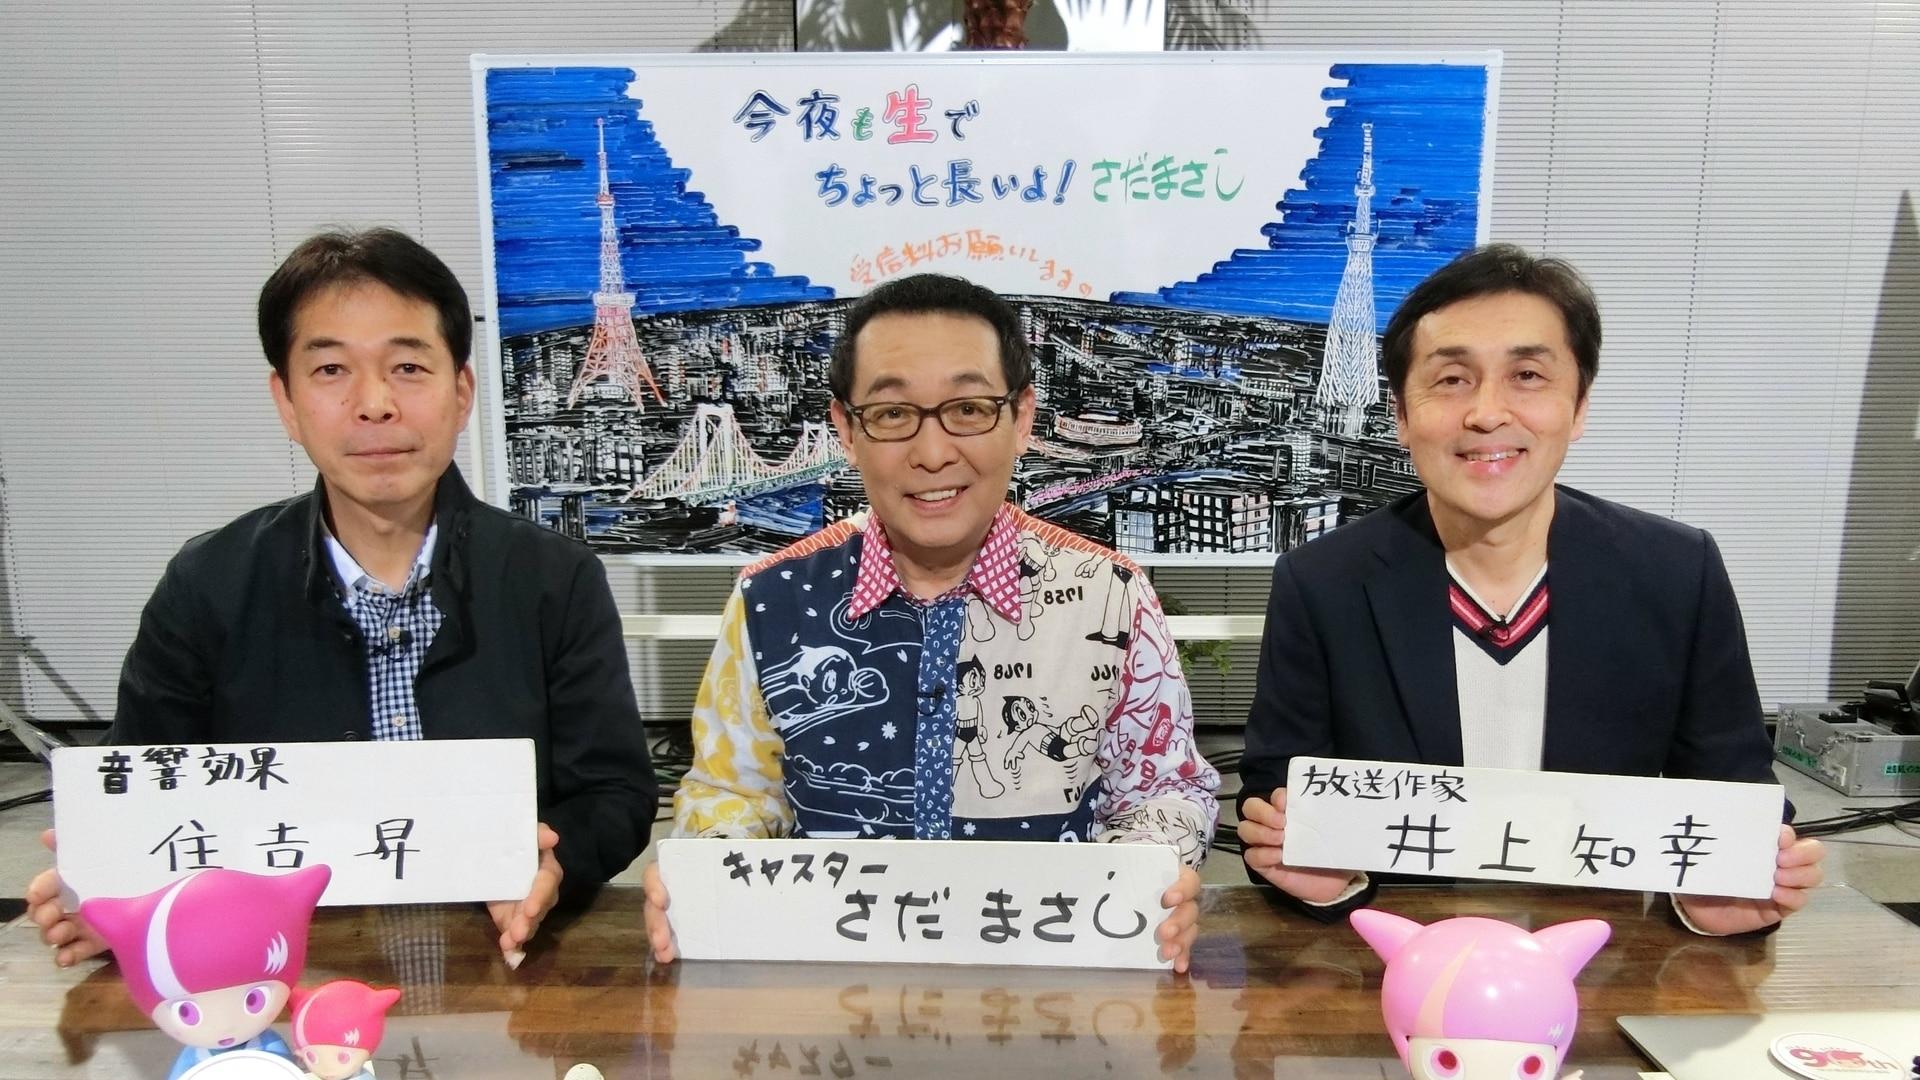 2021新春生放送!年の初めはさだまさし 動画 2020年12月31日